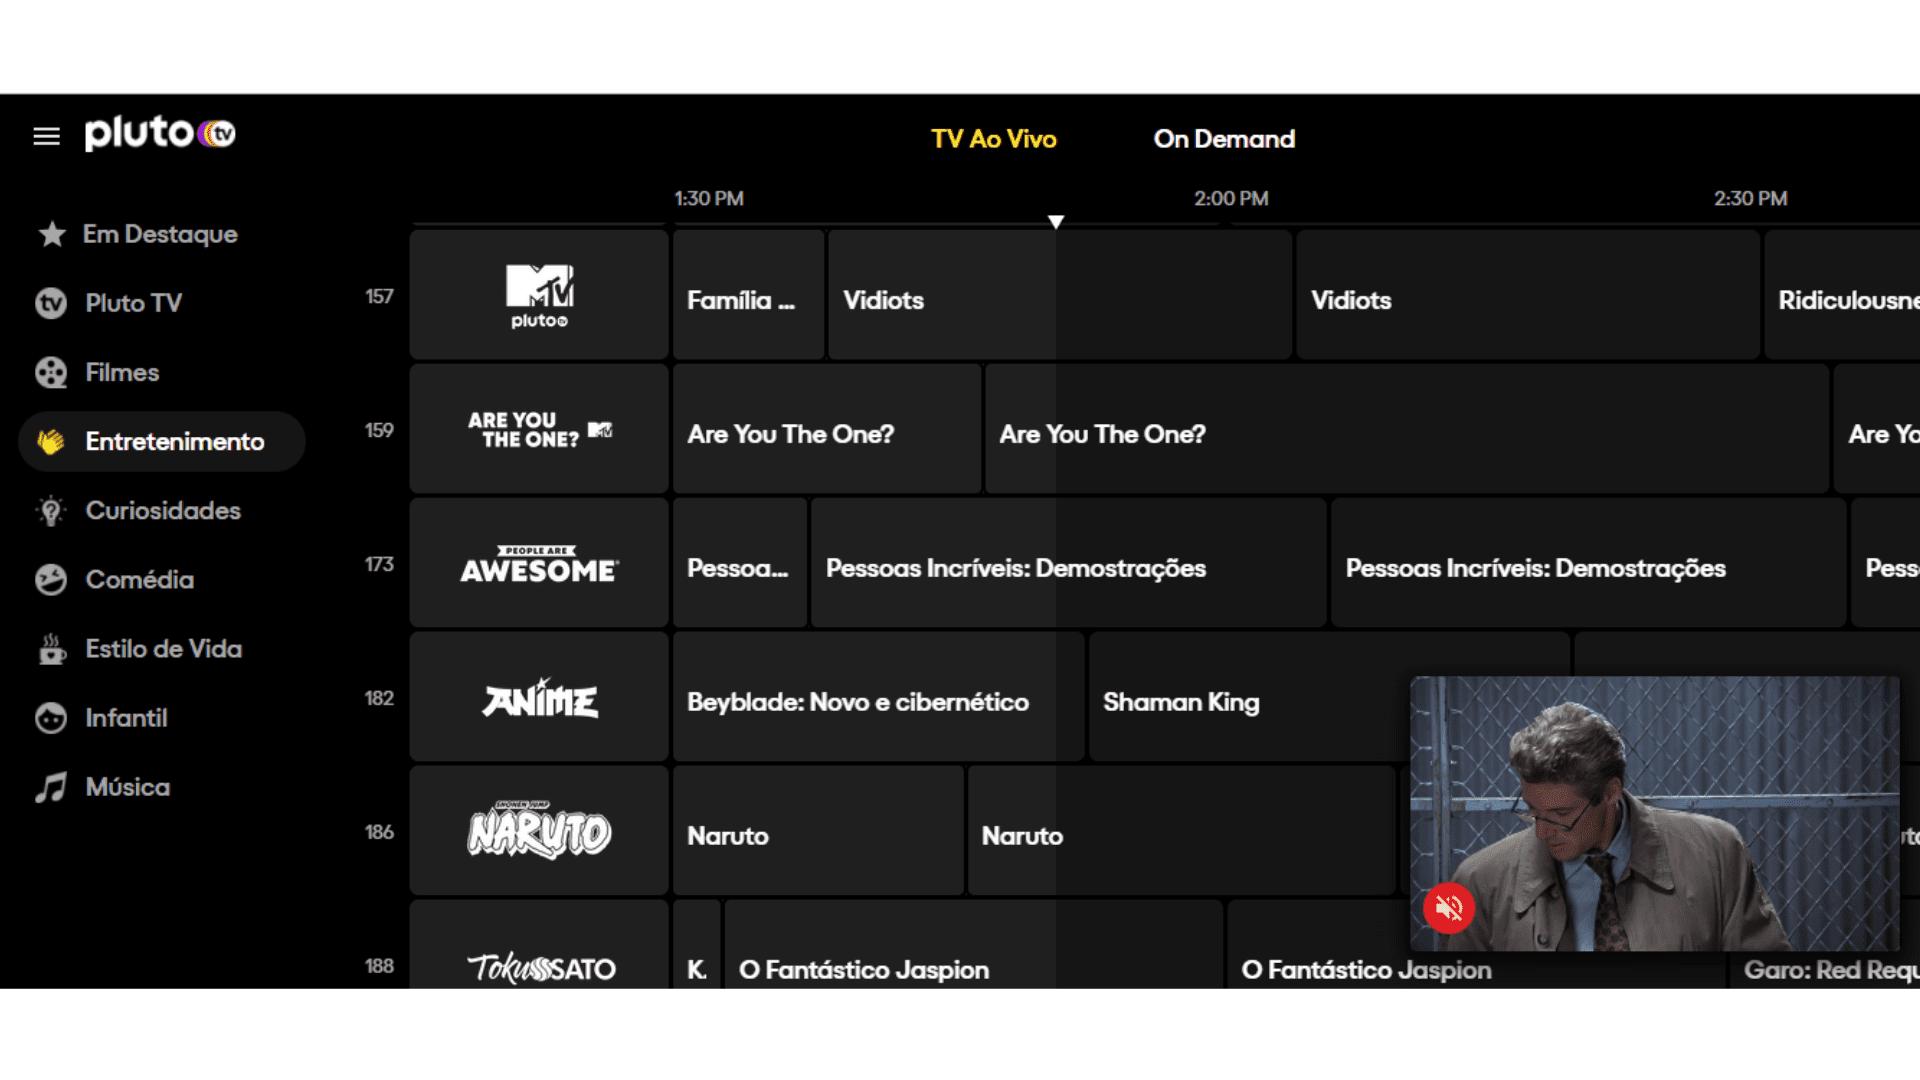 Pluto TV chega com MTV, Paramount+ e outros canais fechados de maneira gratuita (Foto: Reprodução/Pluto TV)